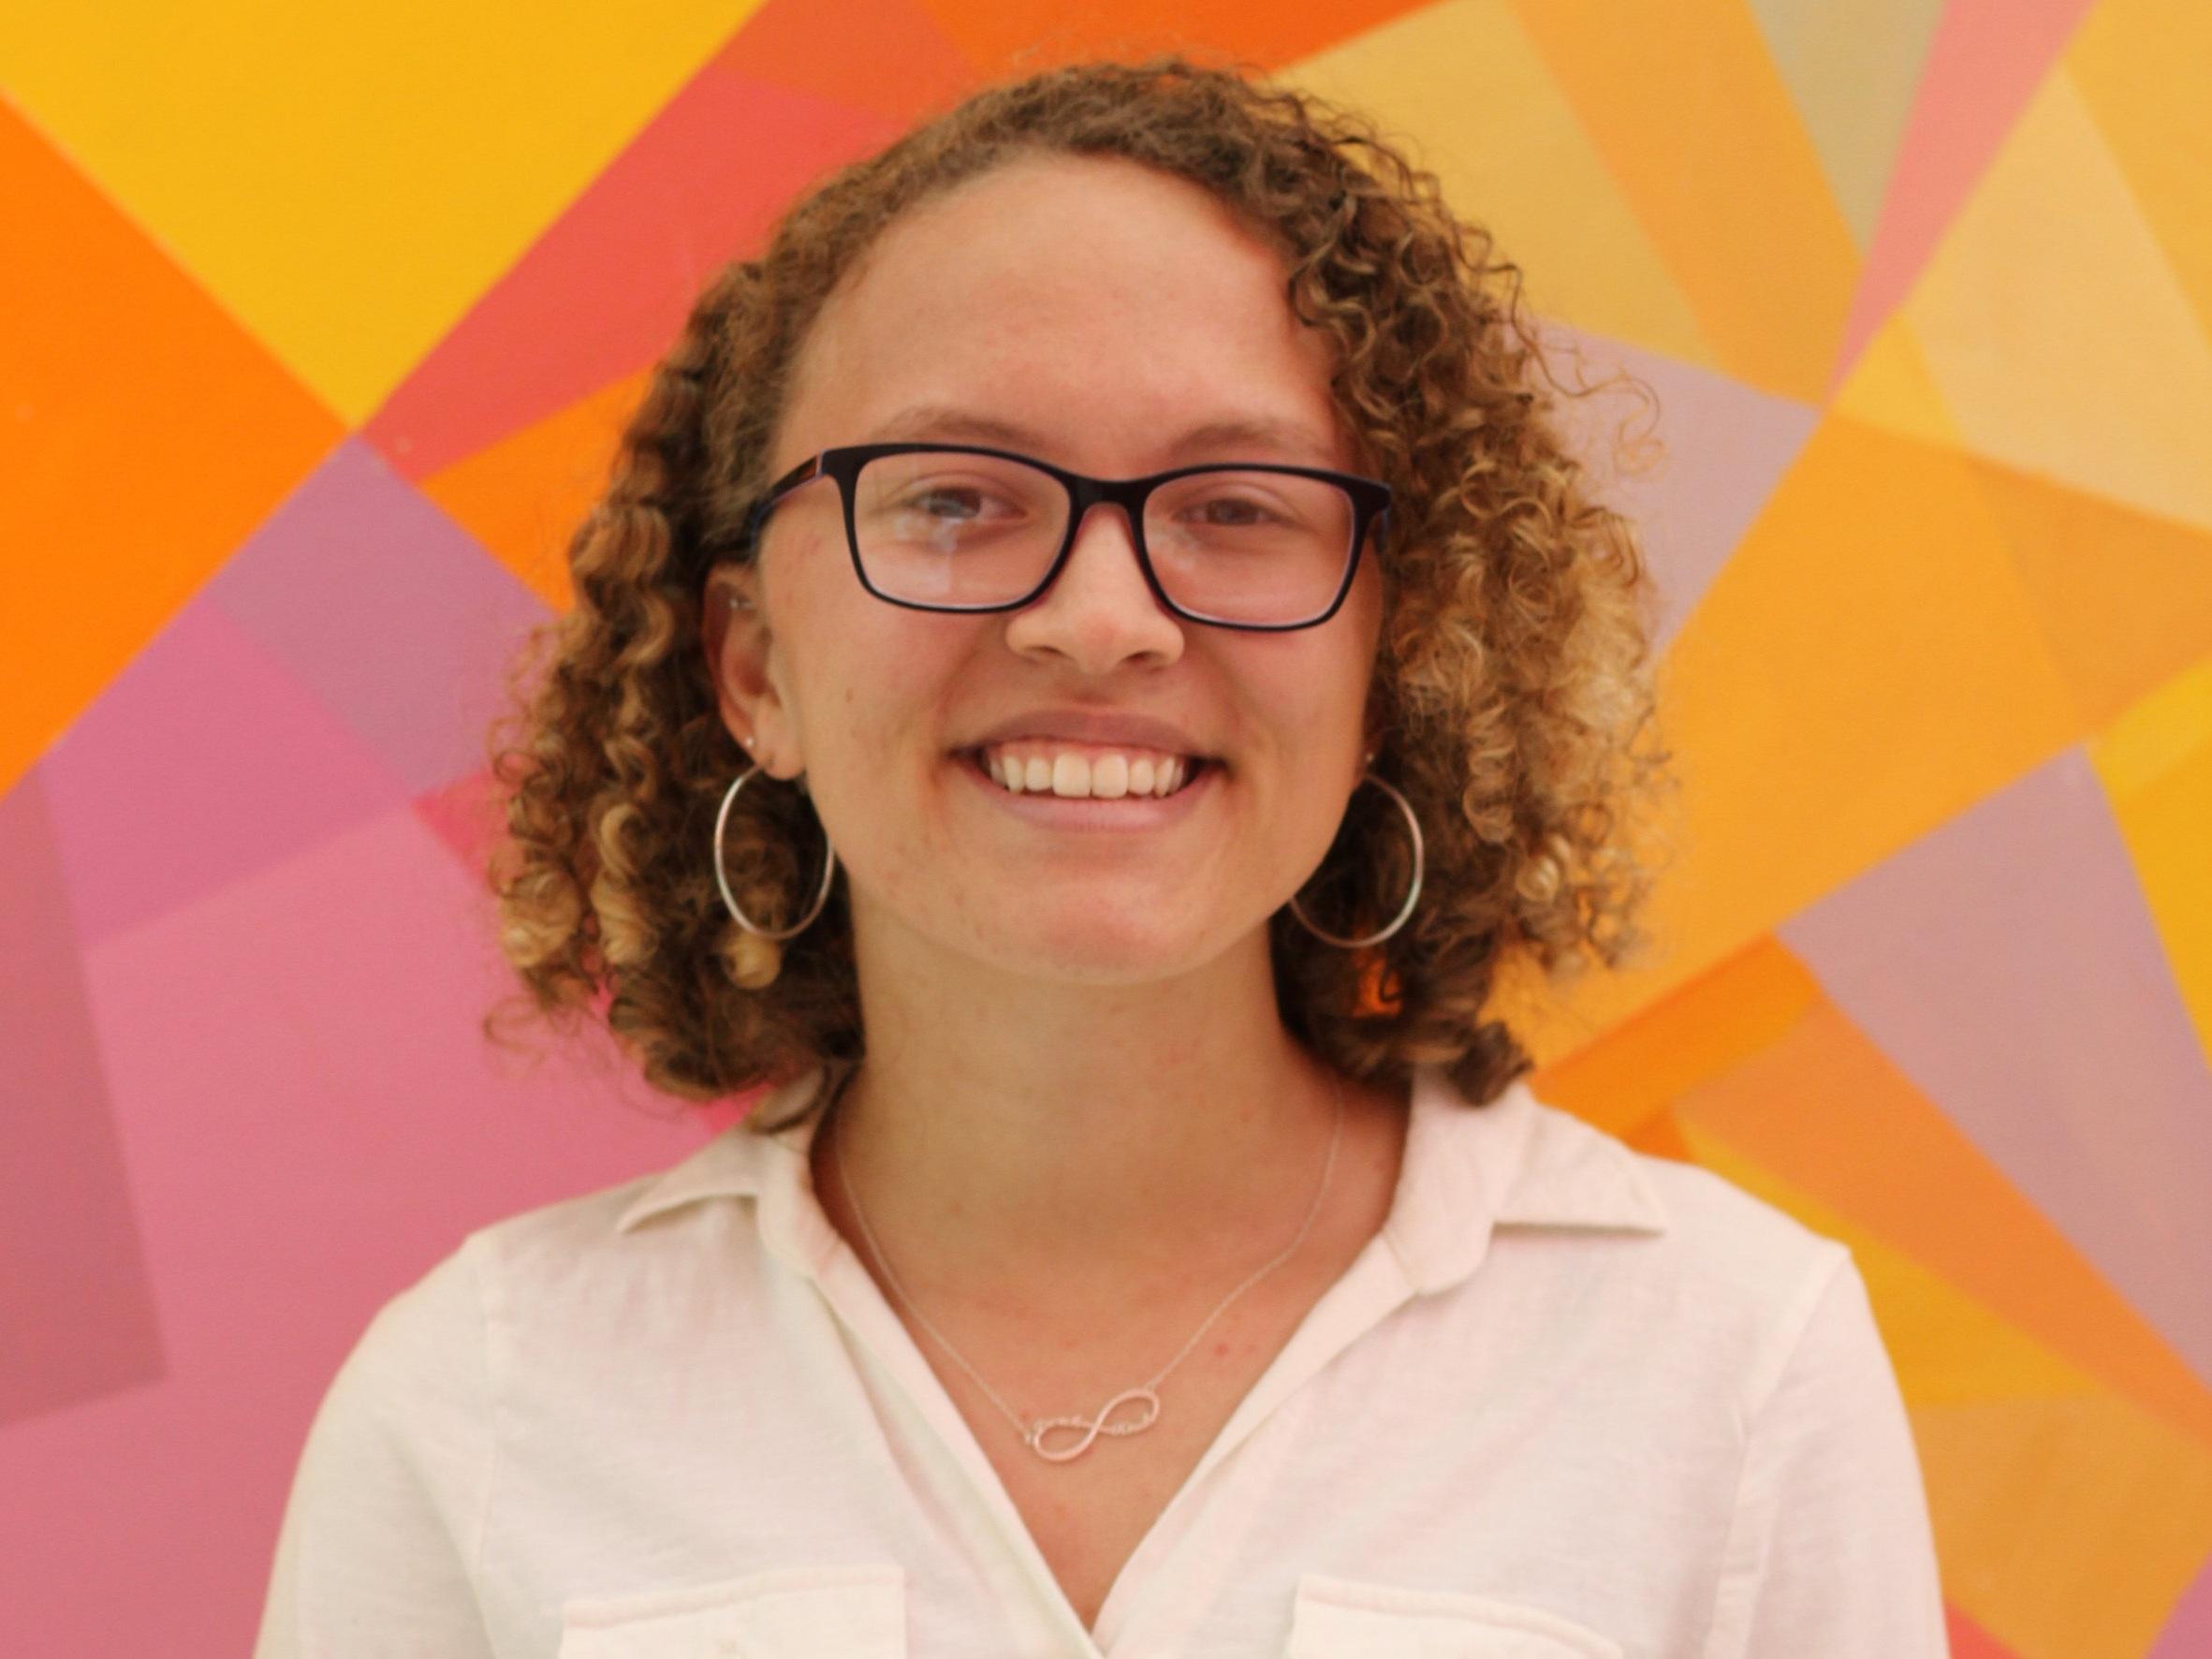 Kirah Brown - Programming Director